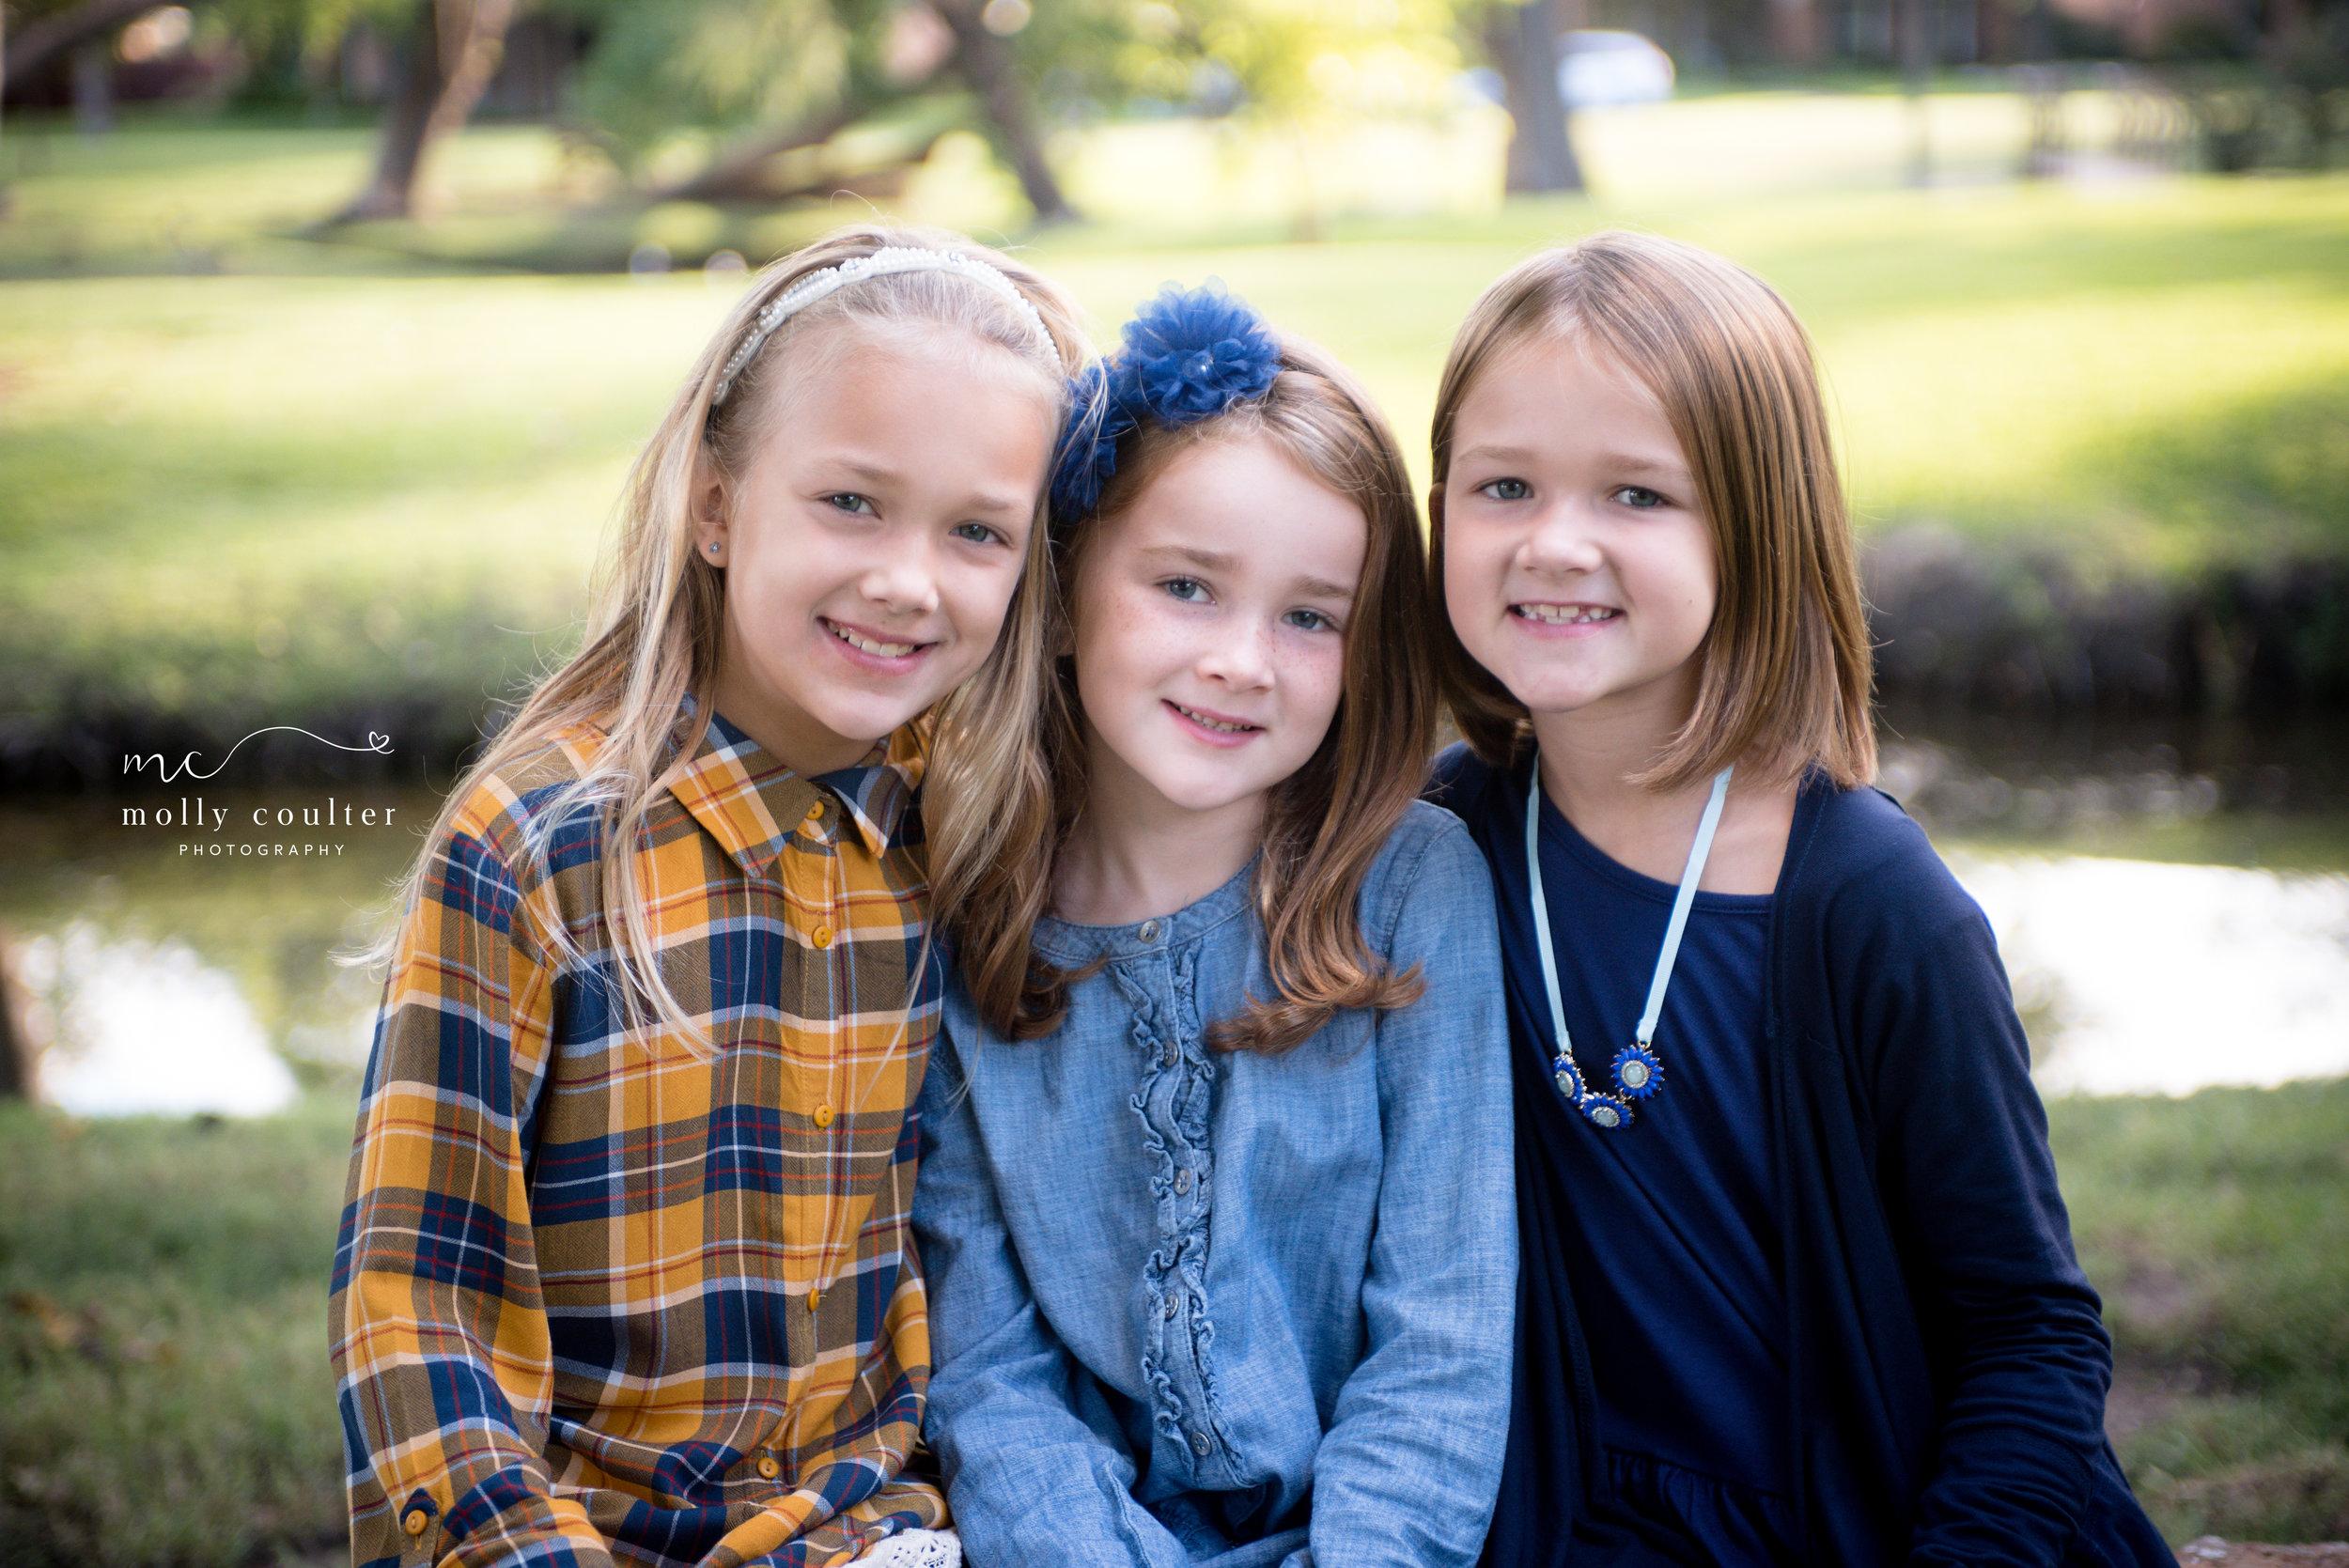 dallasfamilyphotographermollycoulterphotography